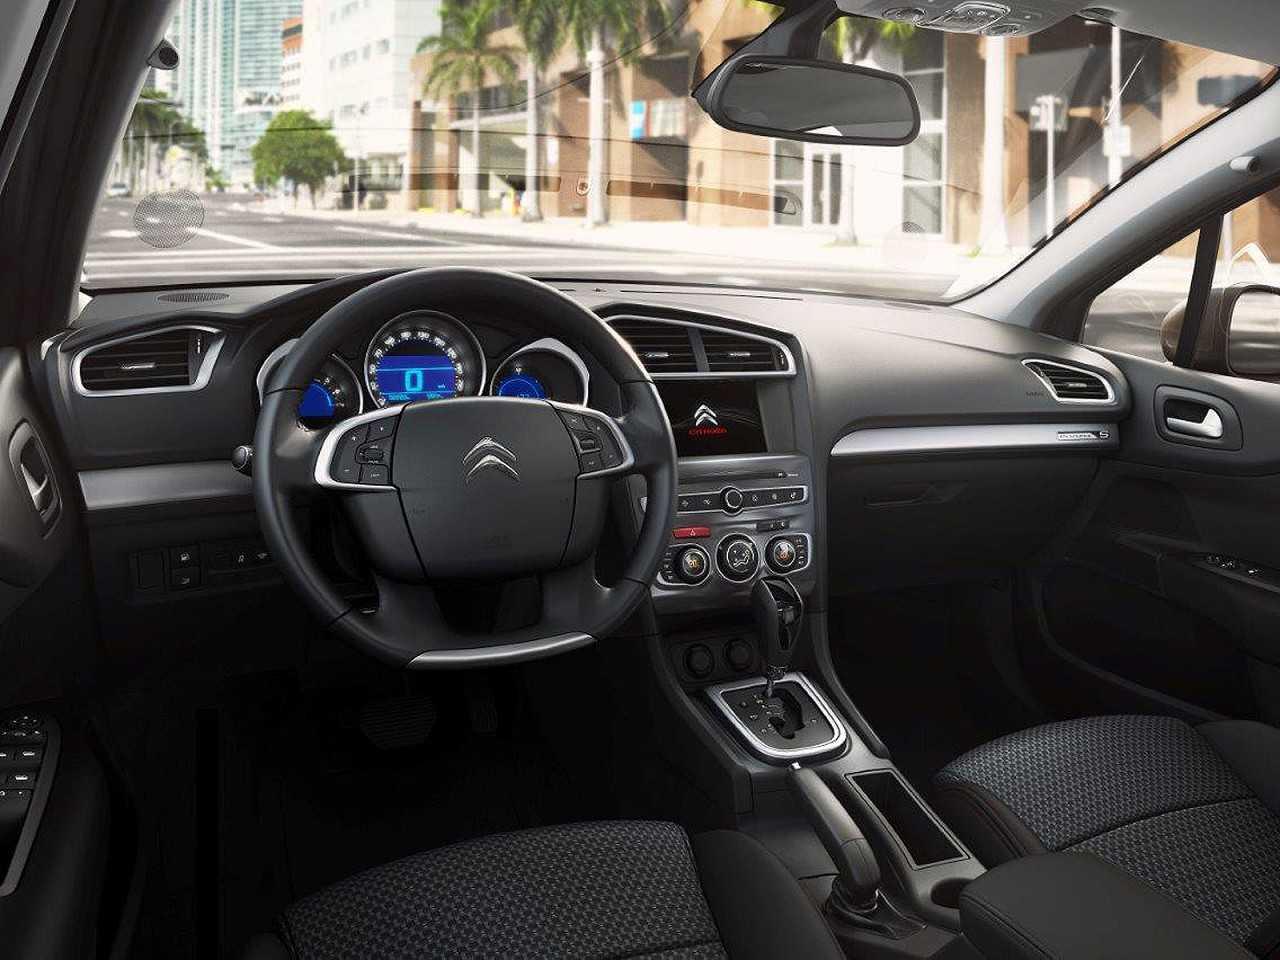 CitroënC4 Lounge 2016 - painel